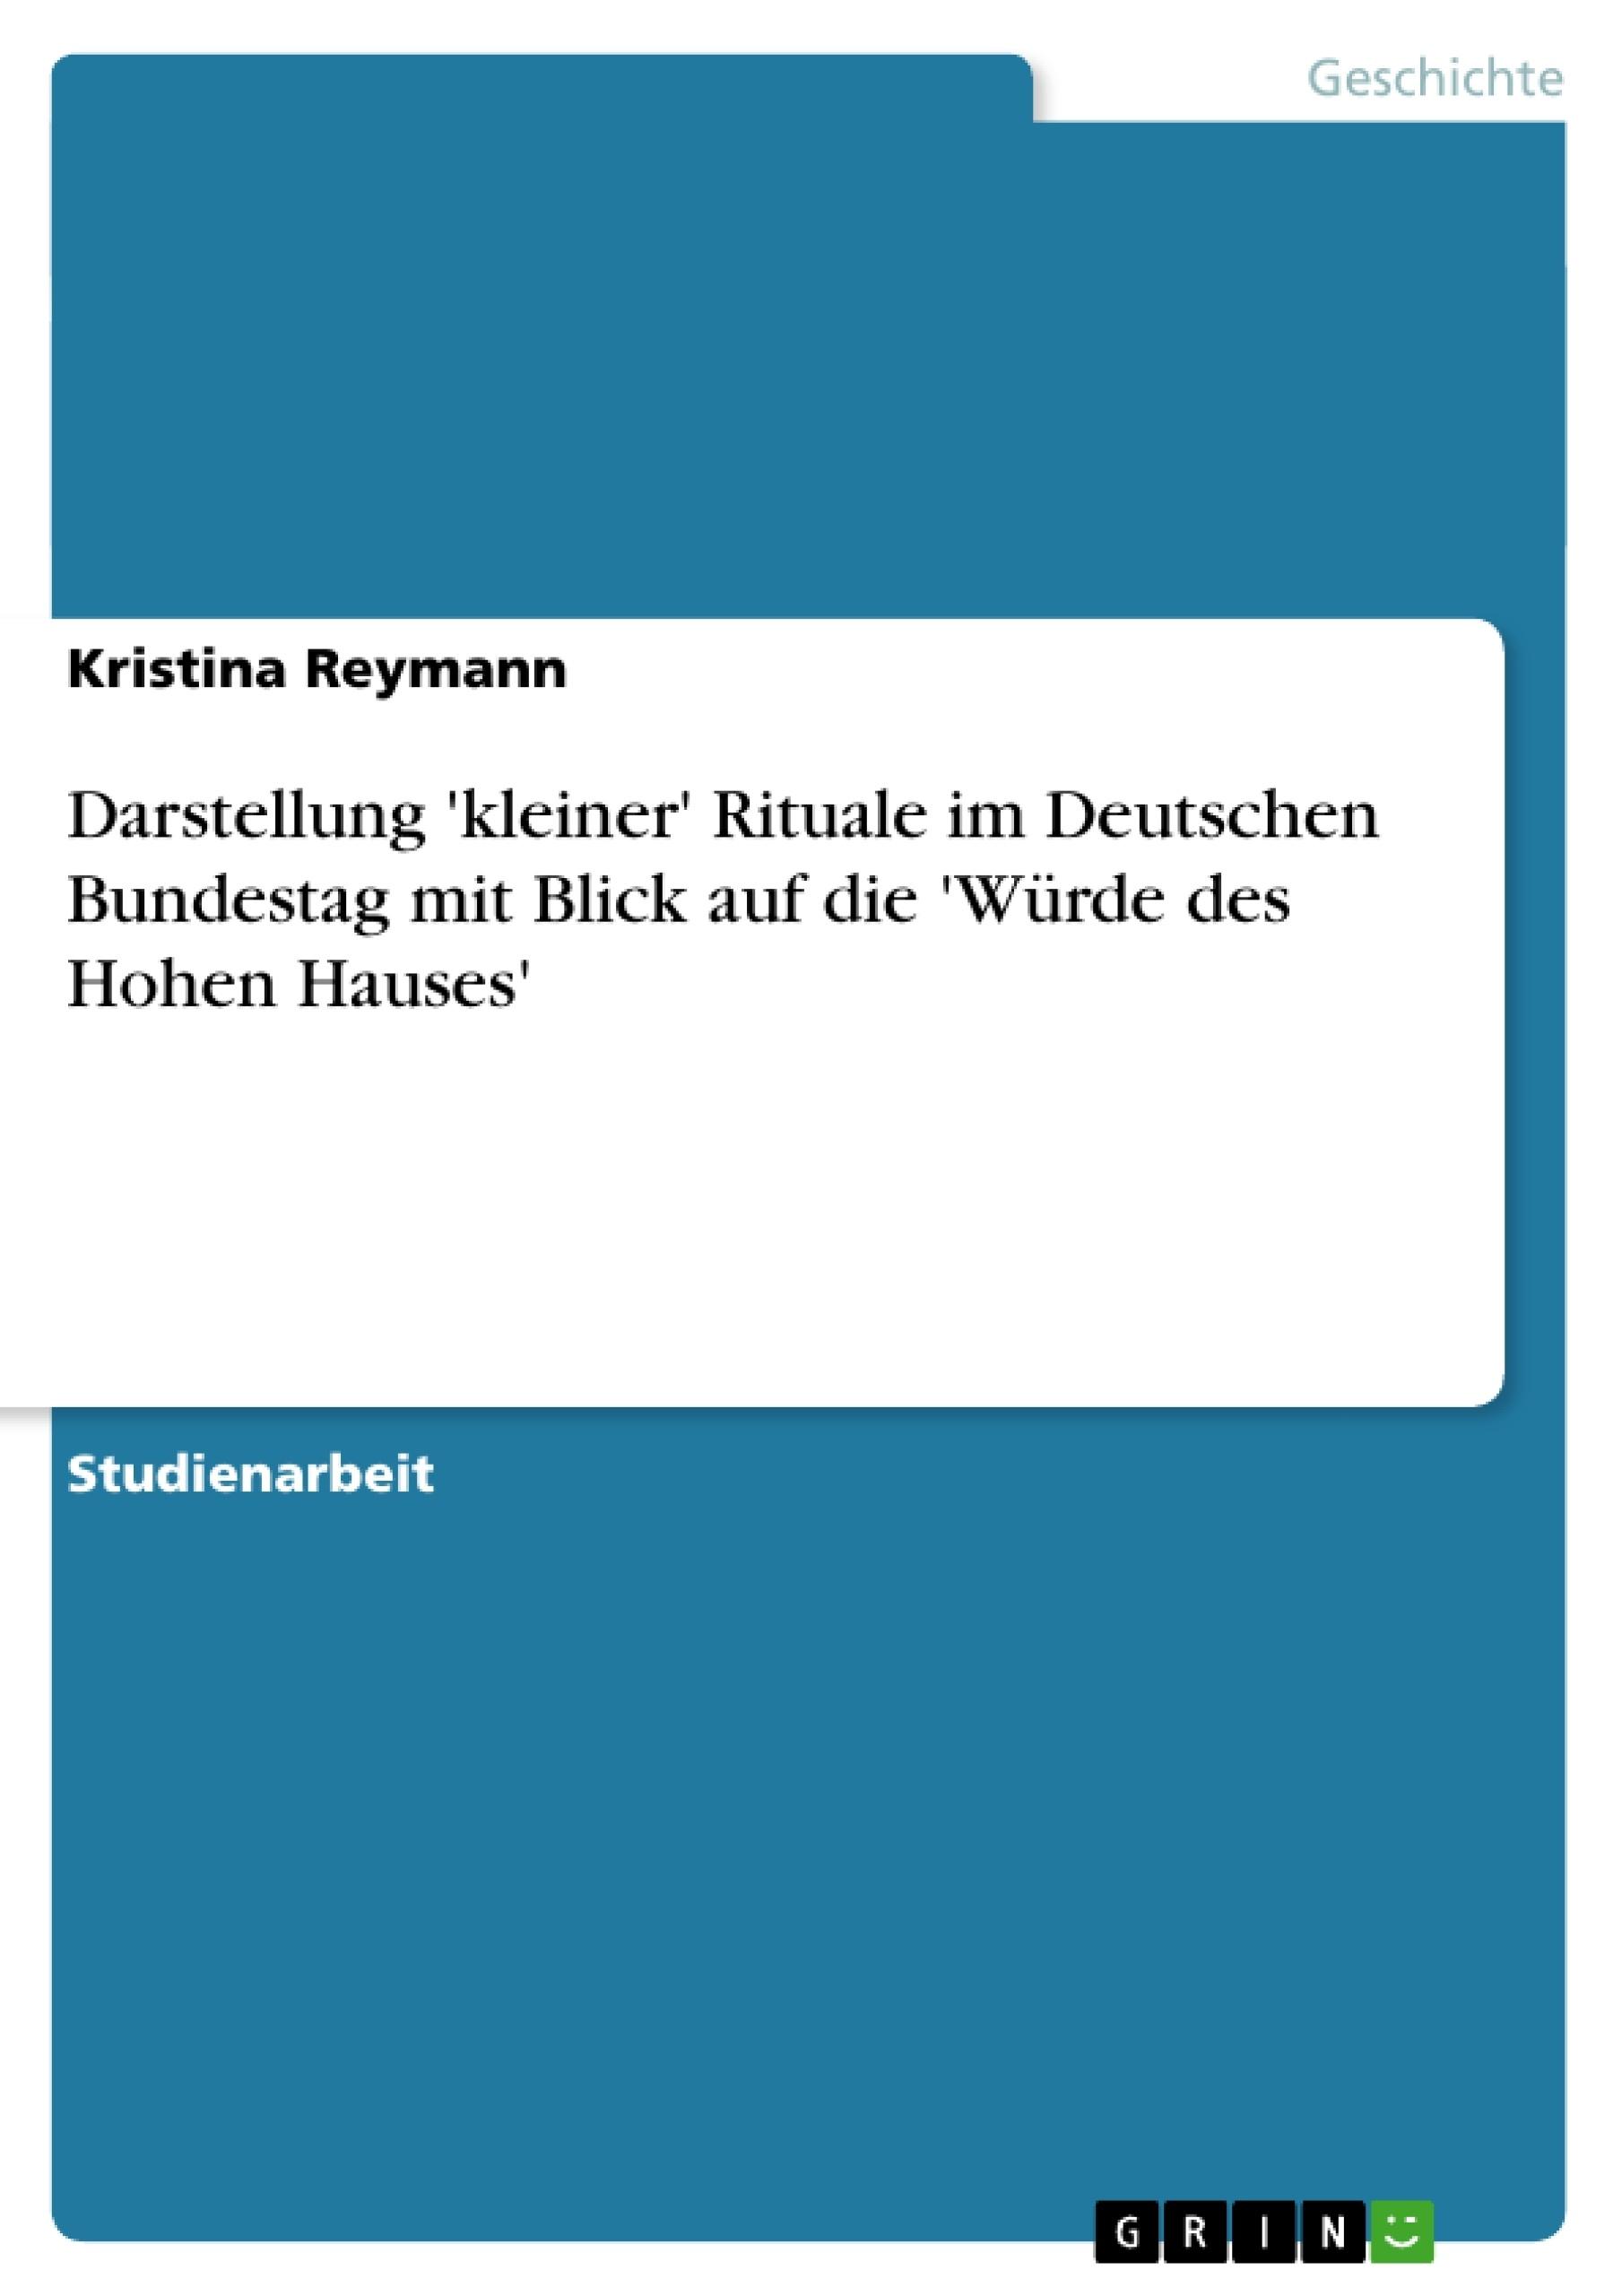 Titel: Darstellung 'kleiner' Rituale im Deutschen Bundestag mit Blick auf die 'Würde des Hohen Hauses'